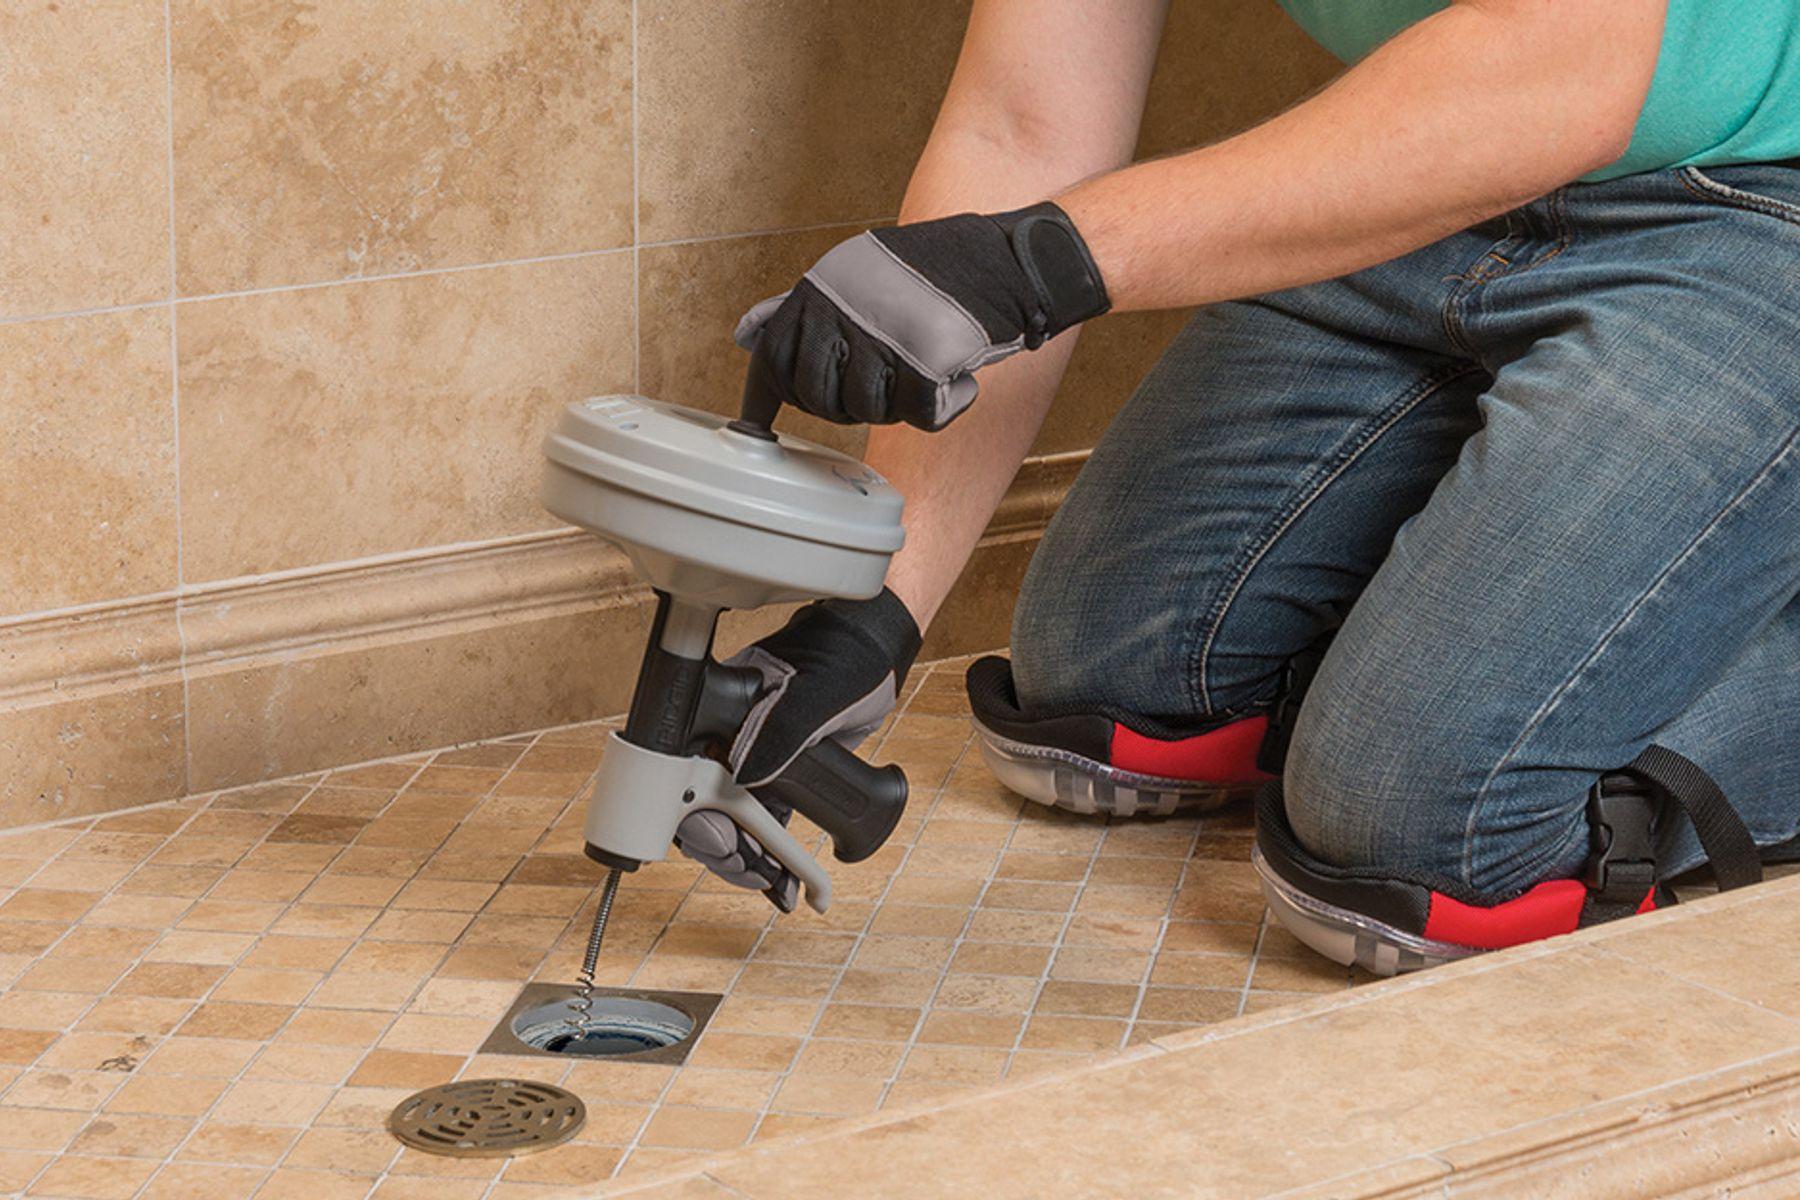 Cách thông cống rãnh cống nghẹt nhà tắm bằng máy lò xo cầm tay đa năng